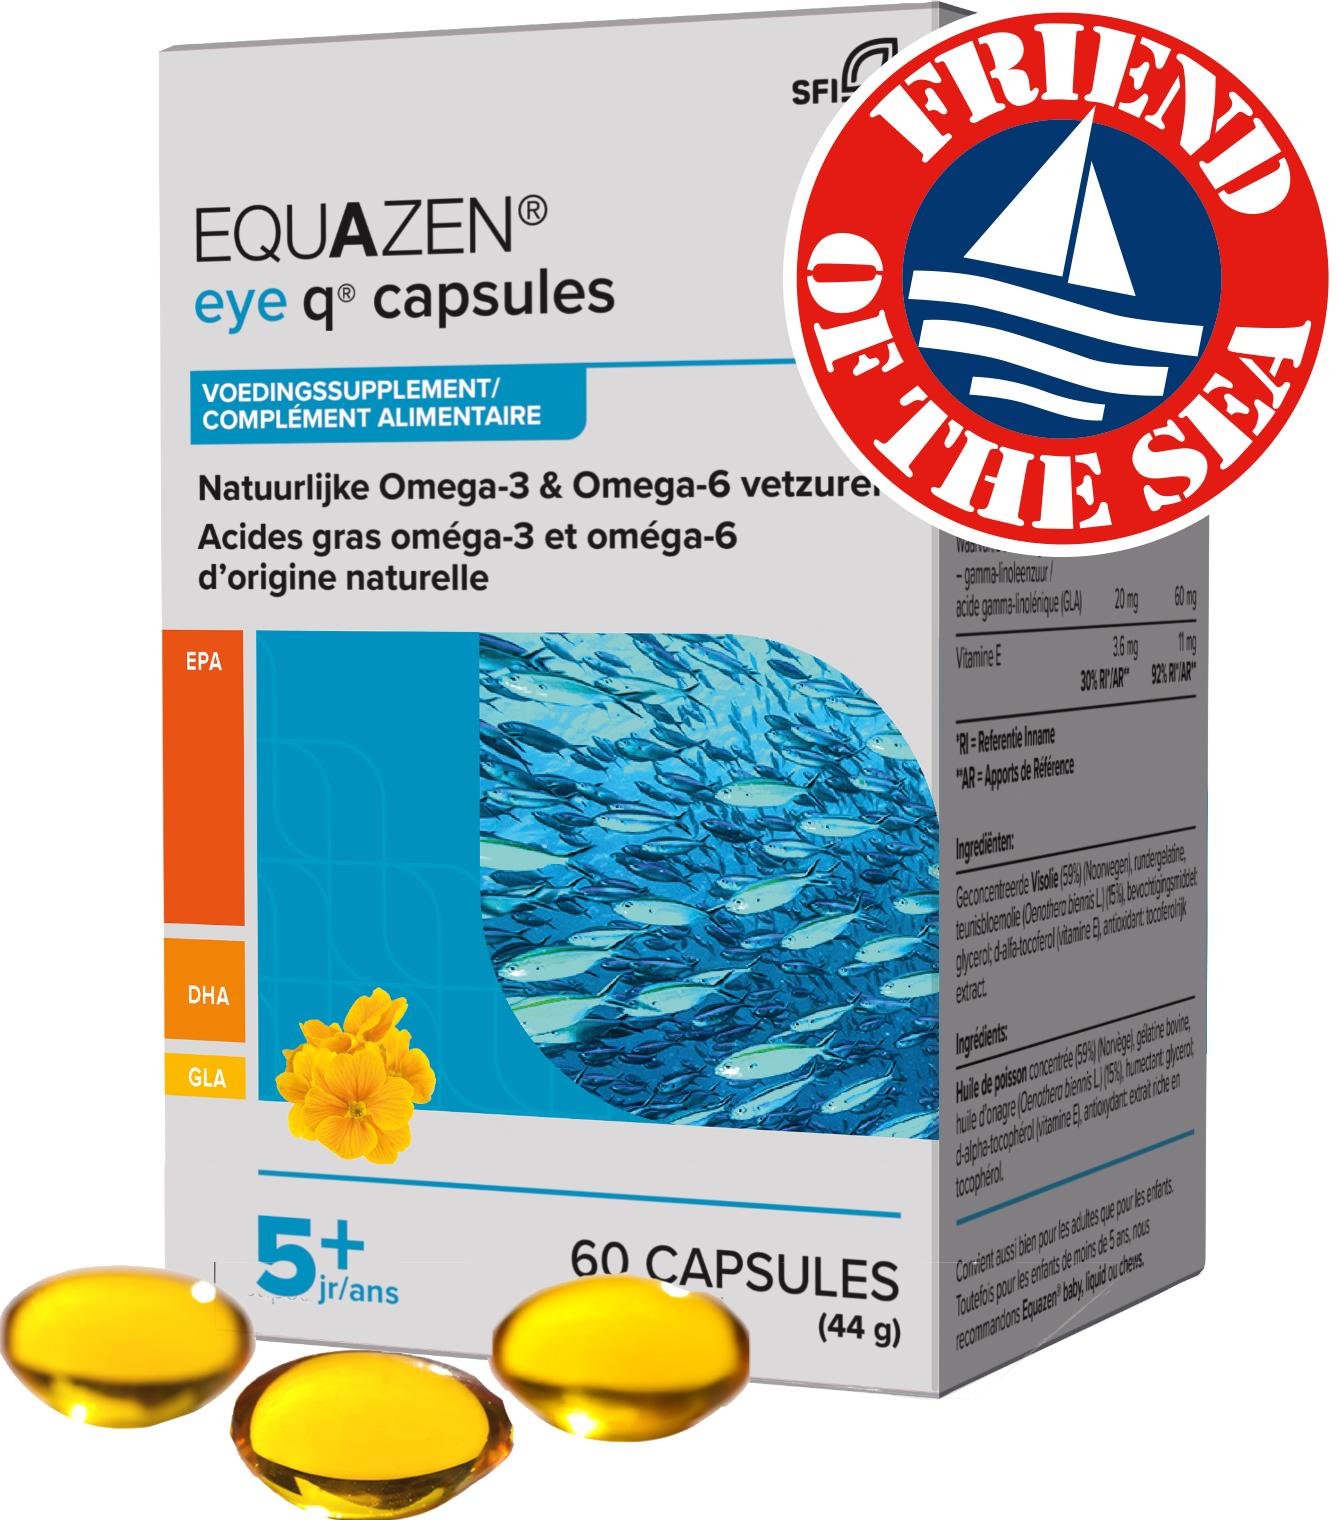 Equazen 9.3.1 Capsules 60 - omega 3- en 6-vetzuren EPA, DHA, GLA - Friend of the Sea